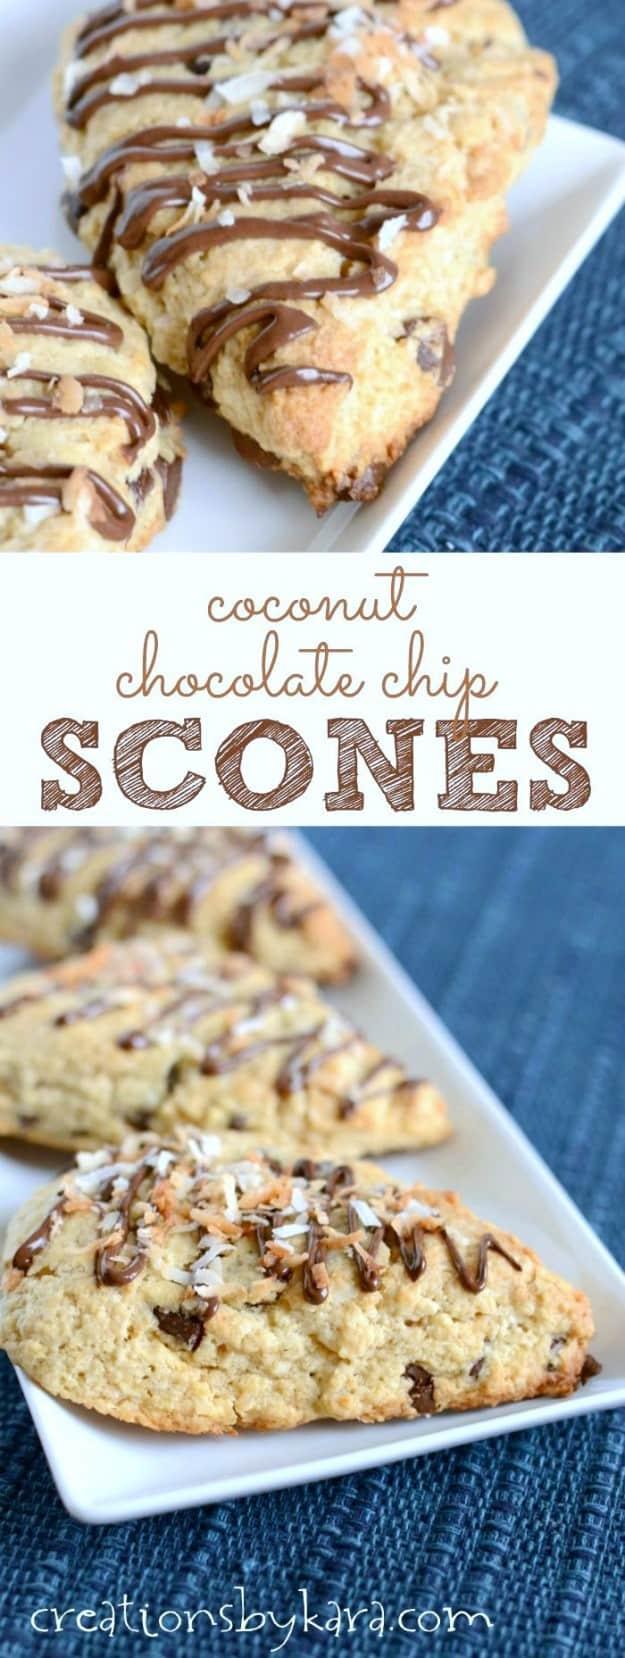 coconut chocolate chip scones recipe collage